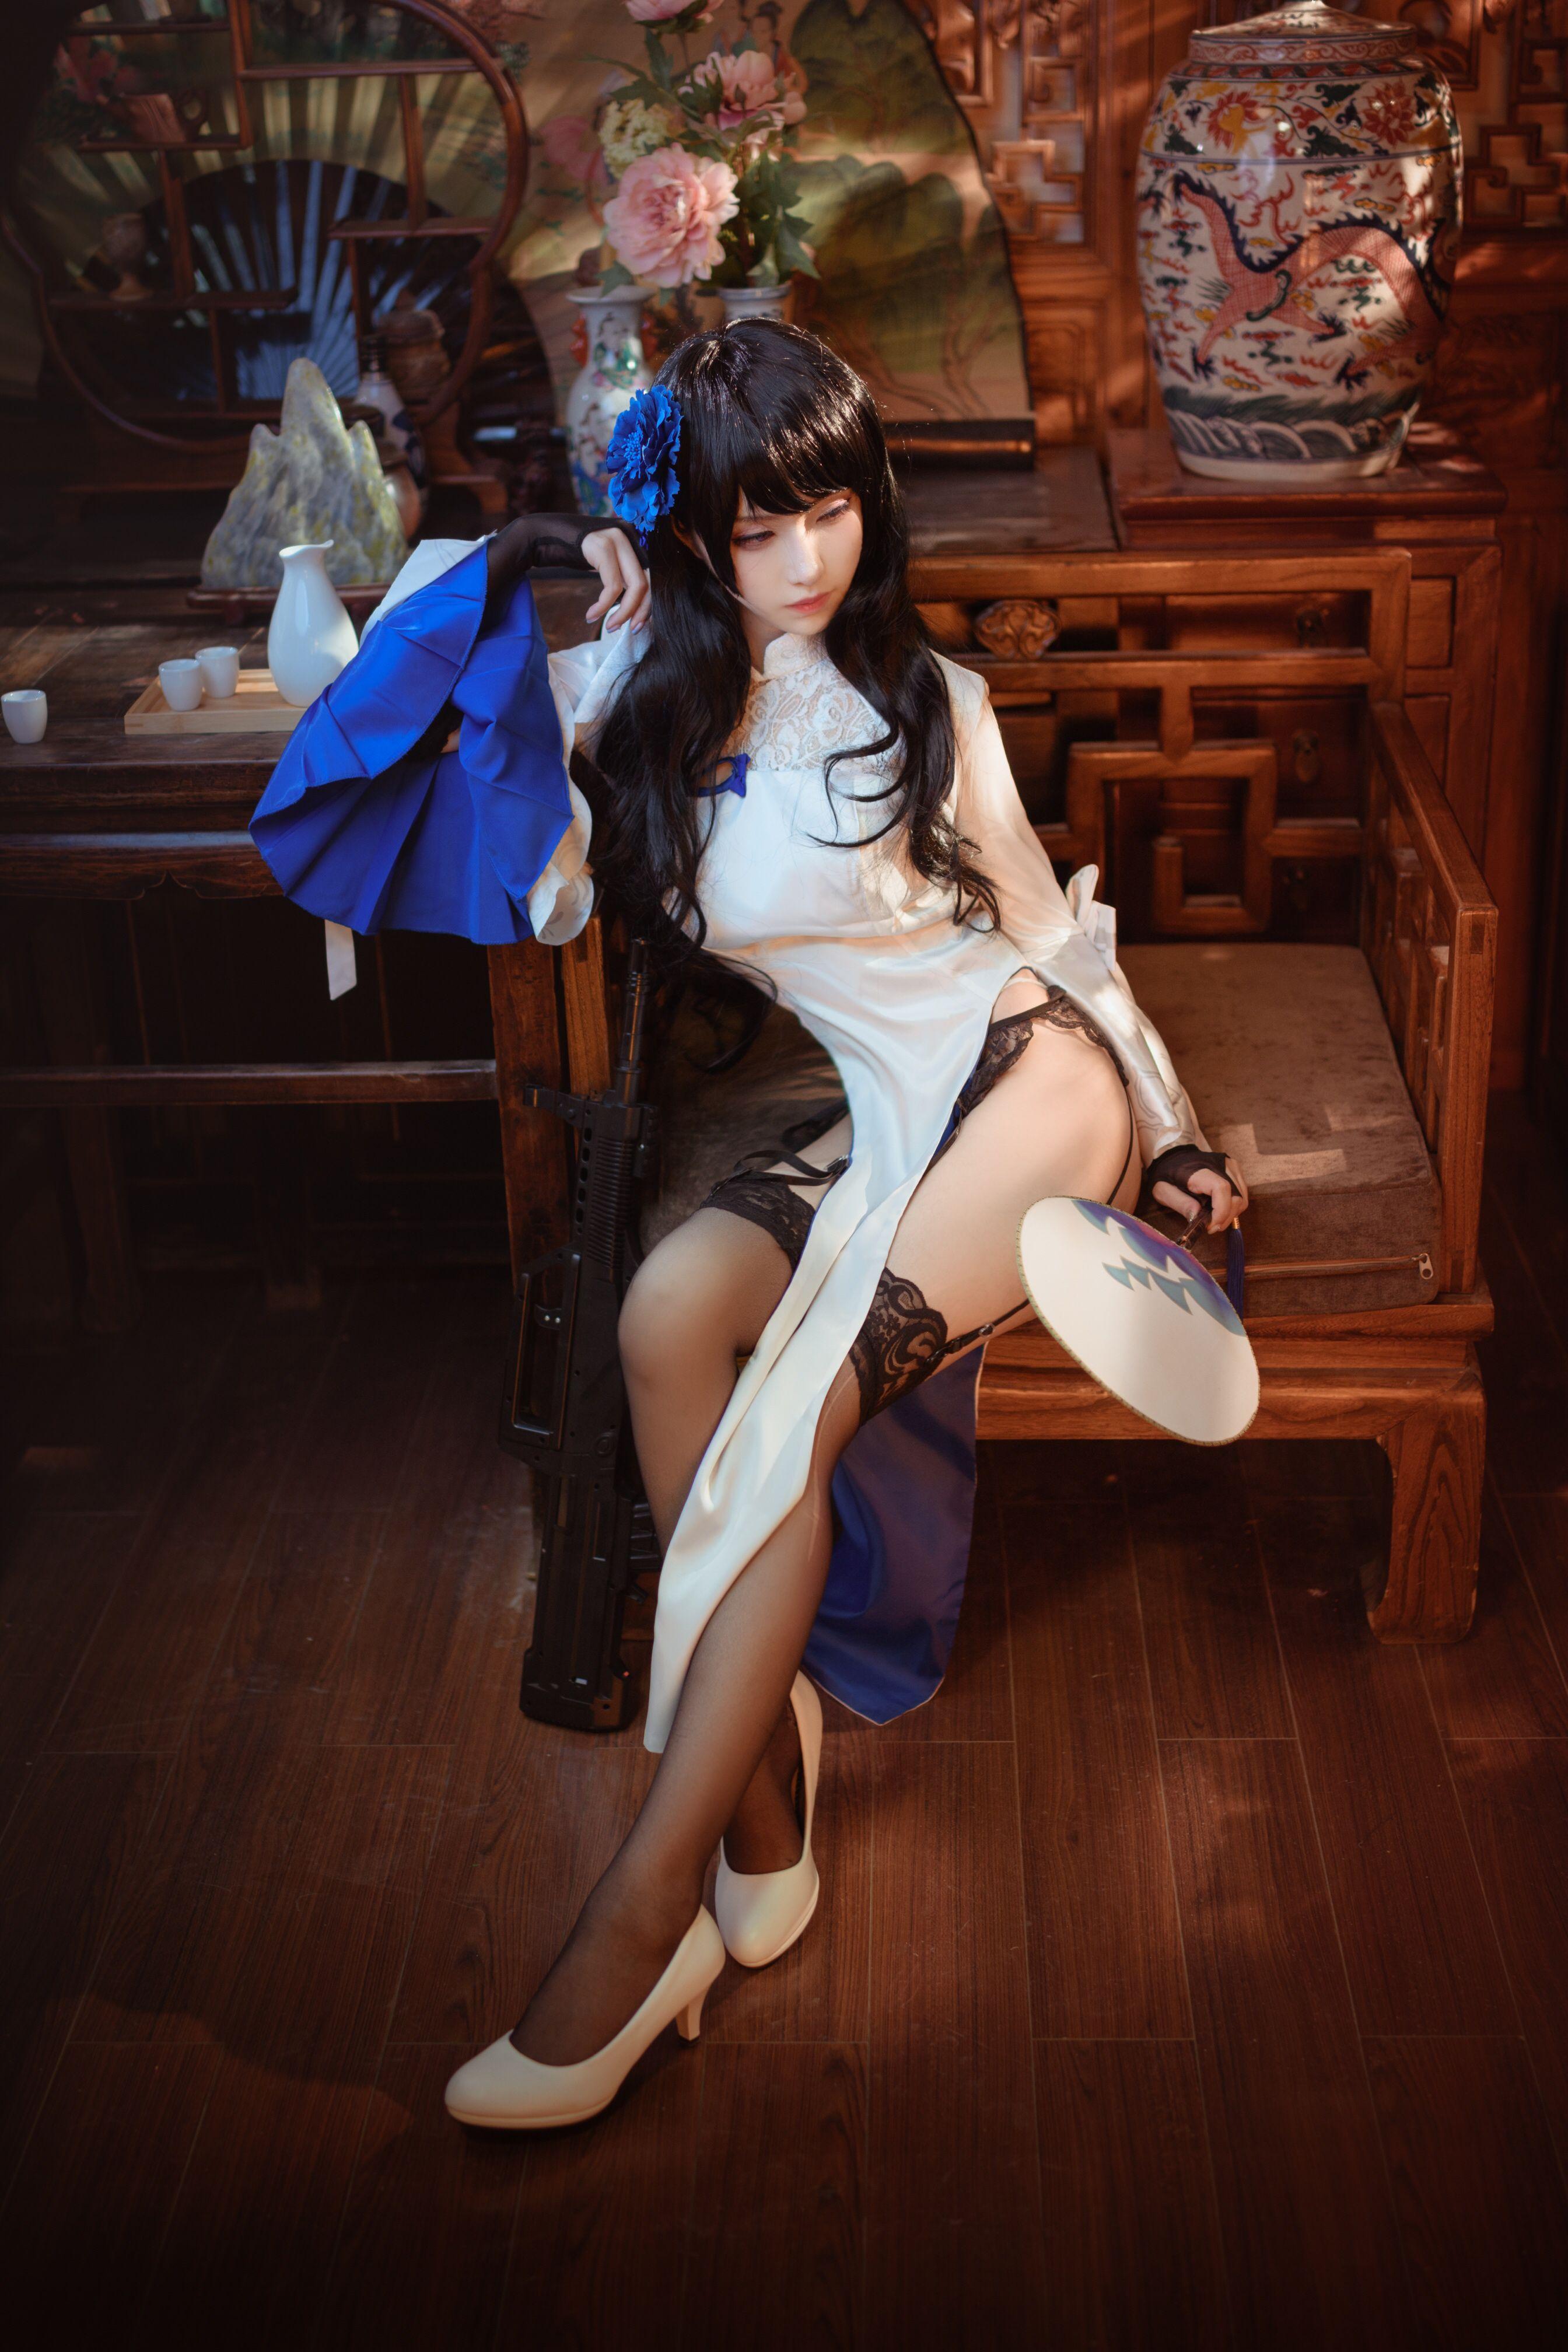 Shika小鹿鹿玉玲珑写真,旗袍下的美丽